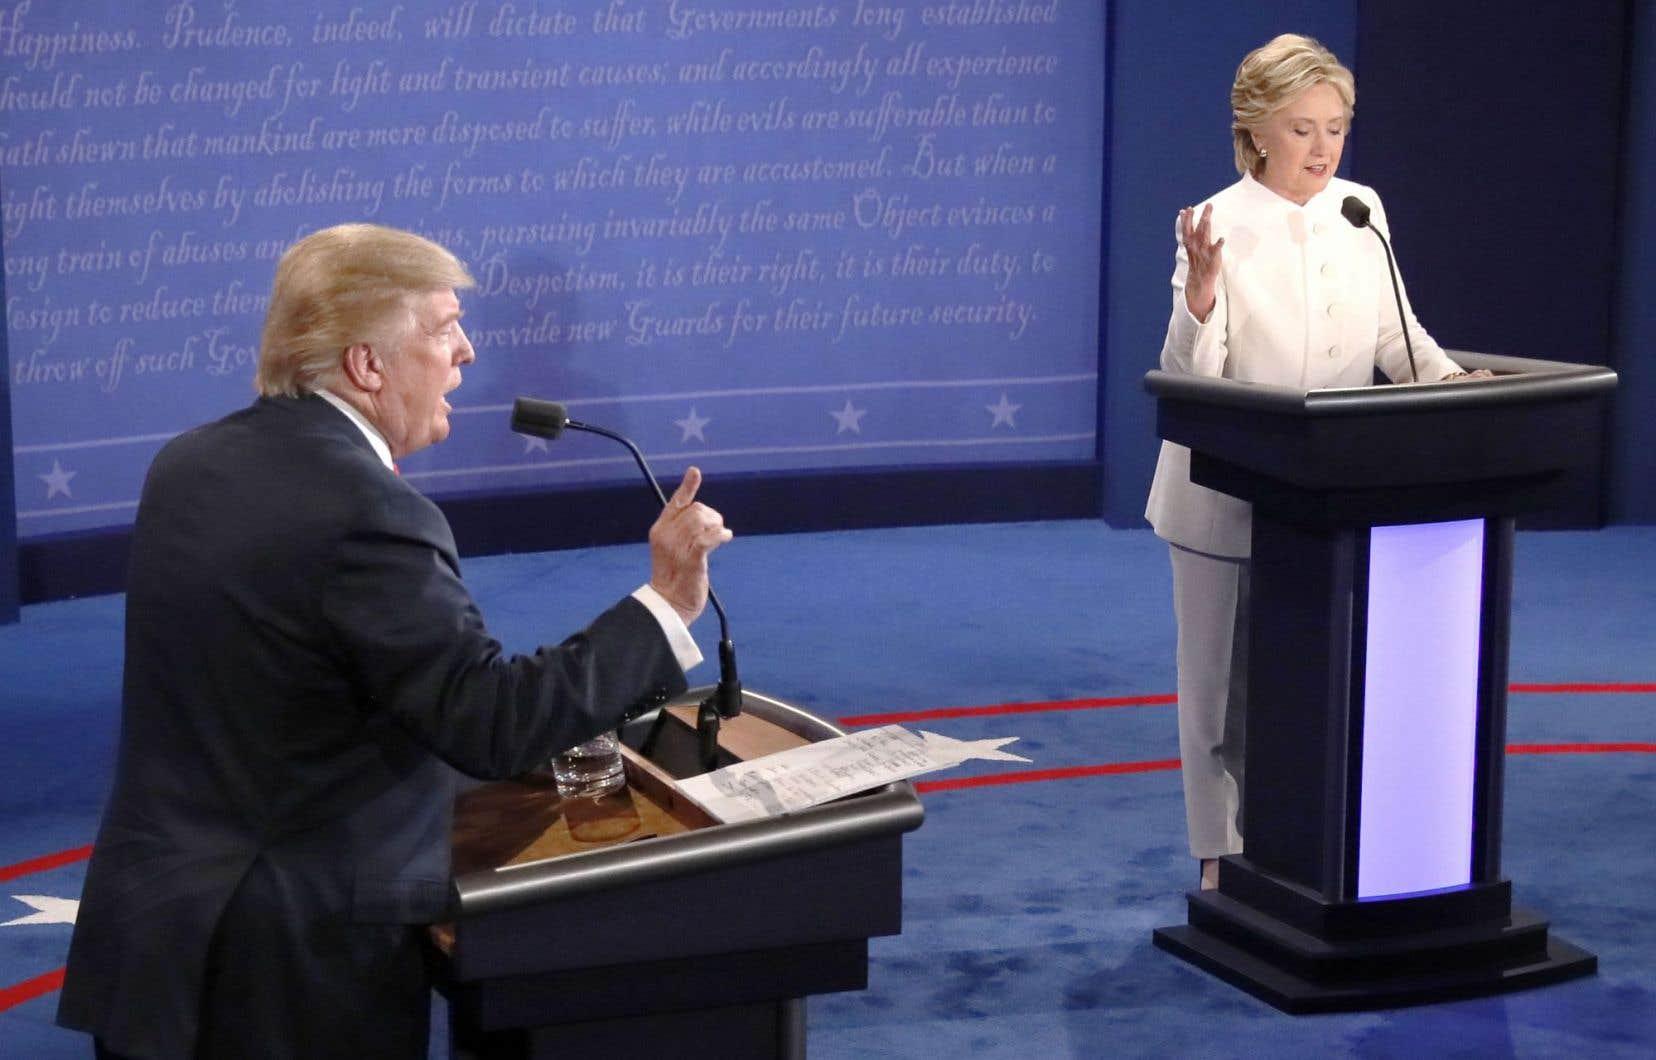 Donald Trump et Hillary Clinton en débat. La confirmation de l'implication da le Russie dans l'élection américaine n'a pas surpris les spécialistes du contre-espionnage.